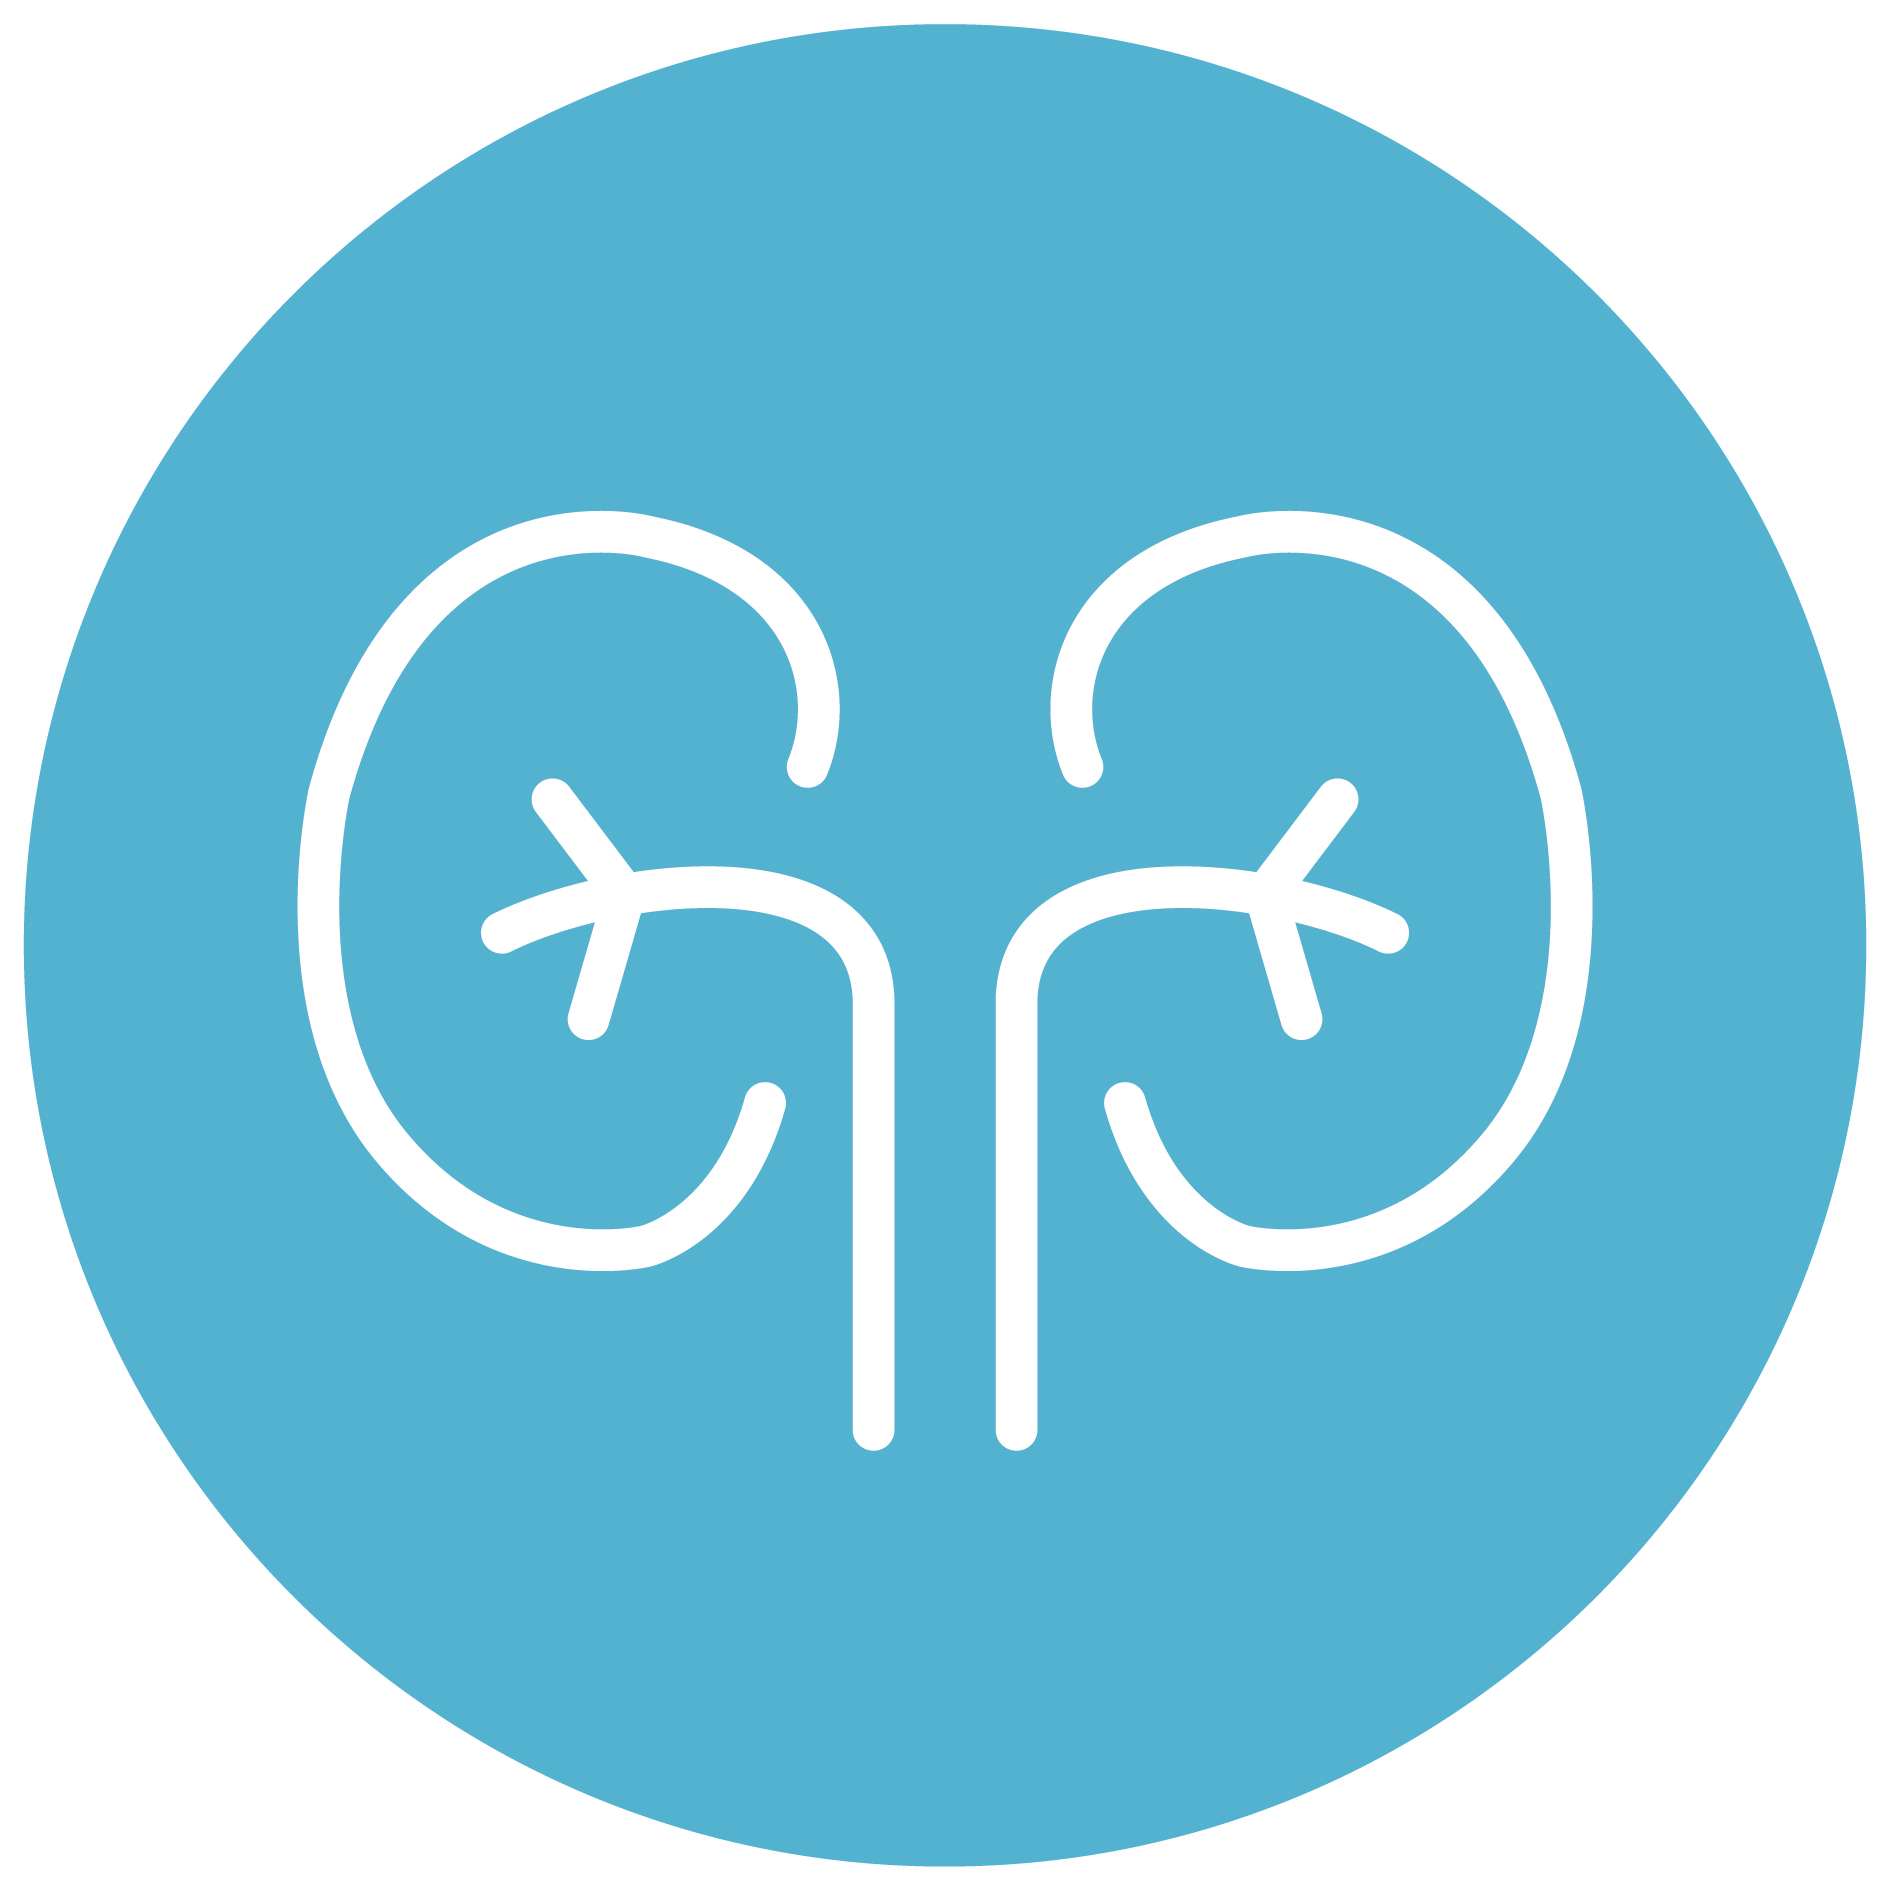 Nephrology EHR